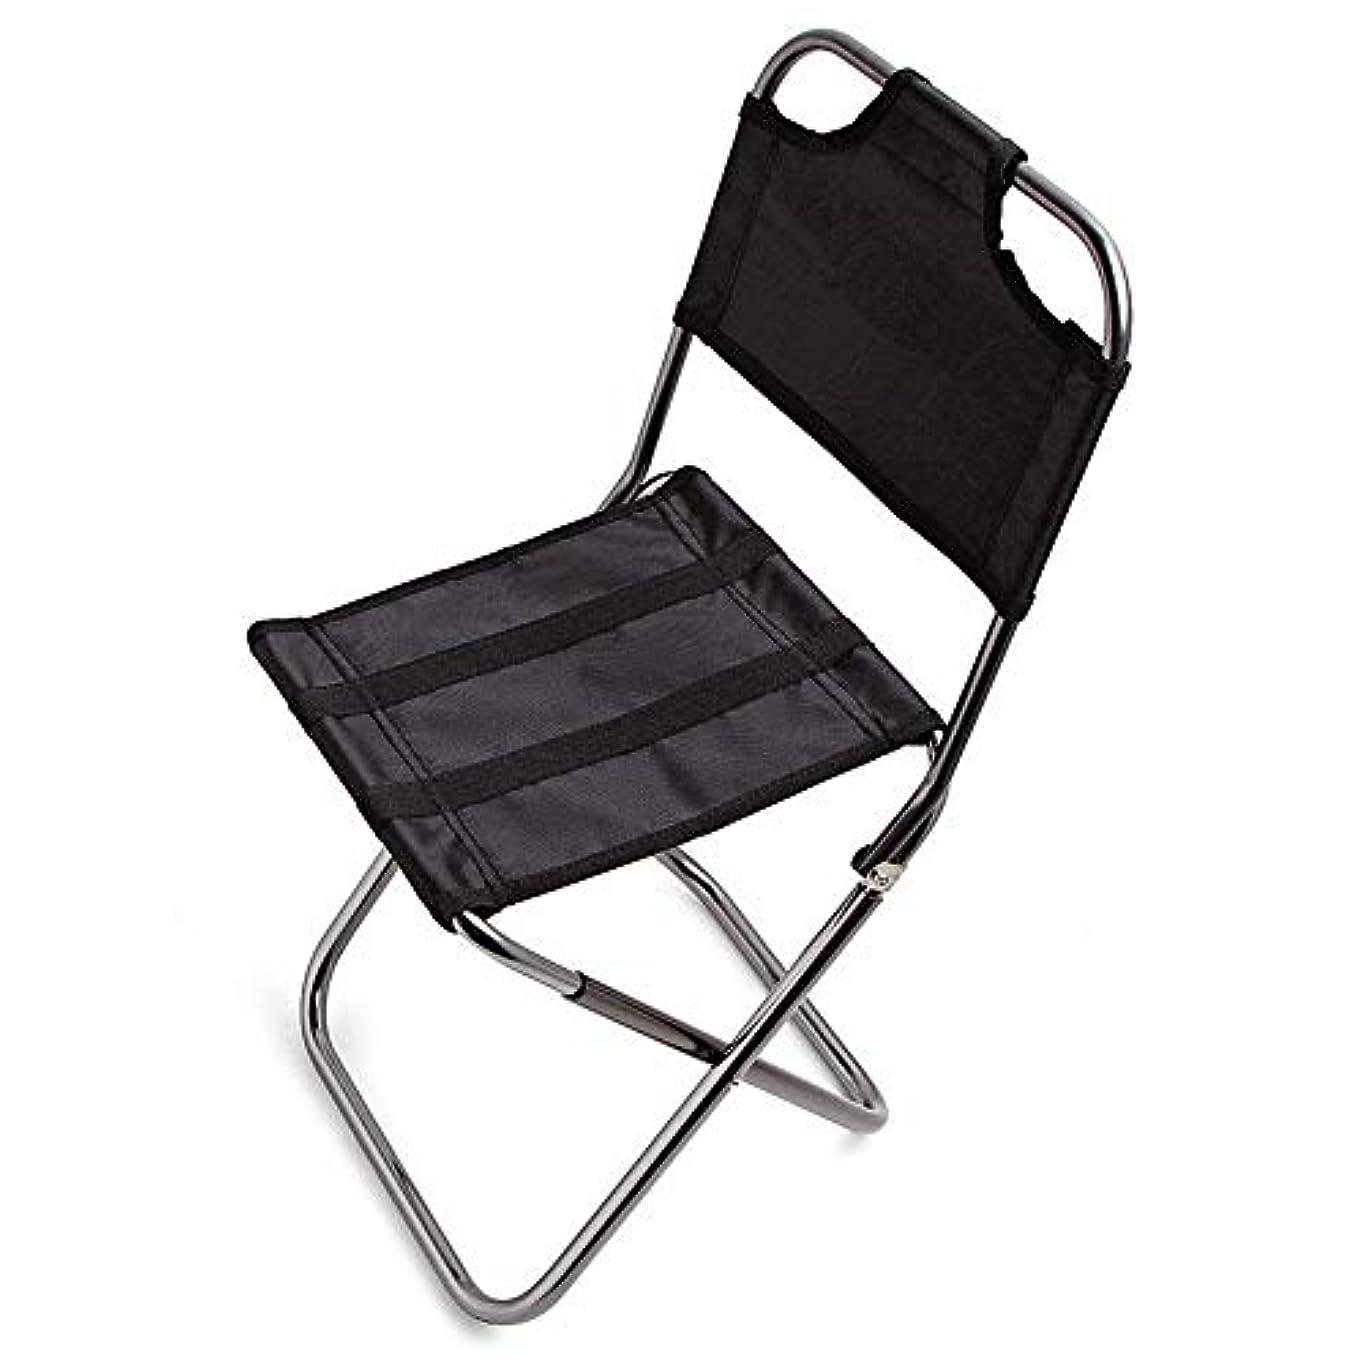 エンジニアリングバクテリア合図快適な金属折りたたみ椅子ポータブル折りたたみミニチェア軽量キャンプハイキング旅行釣り釣りスツール折りたたみ椅子屋外用ガーデン収納ポケット付き大人用ヘビーデューティーフレームチェア